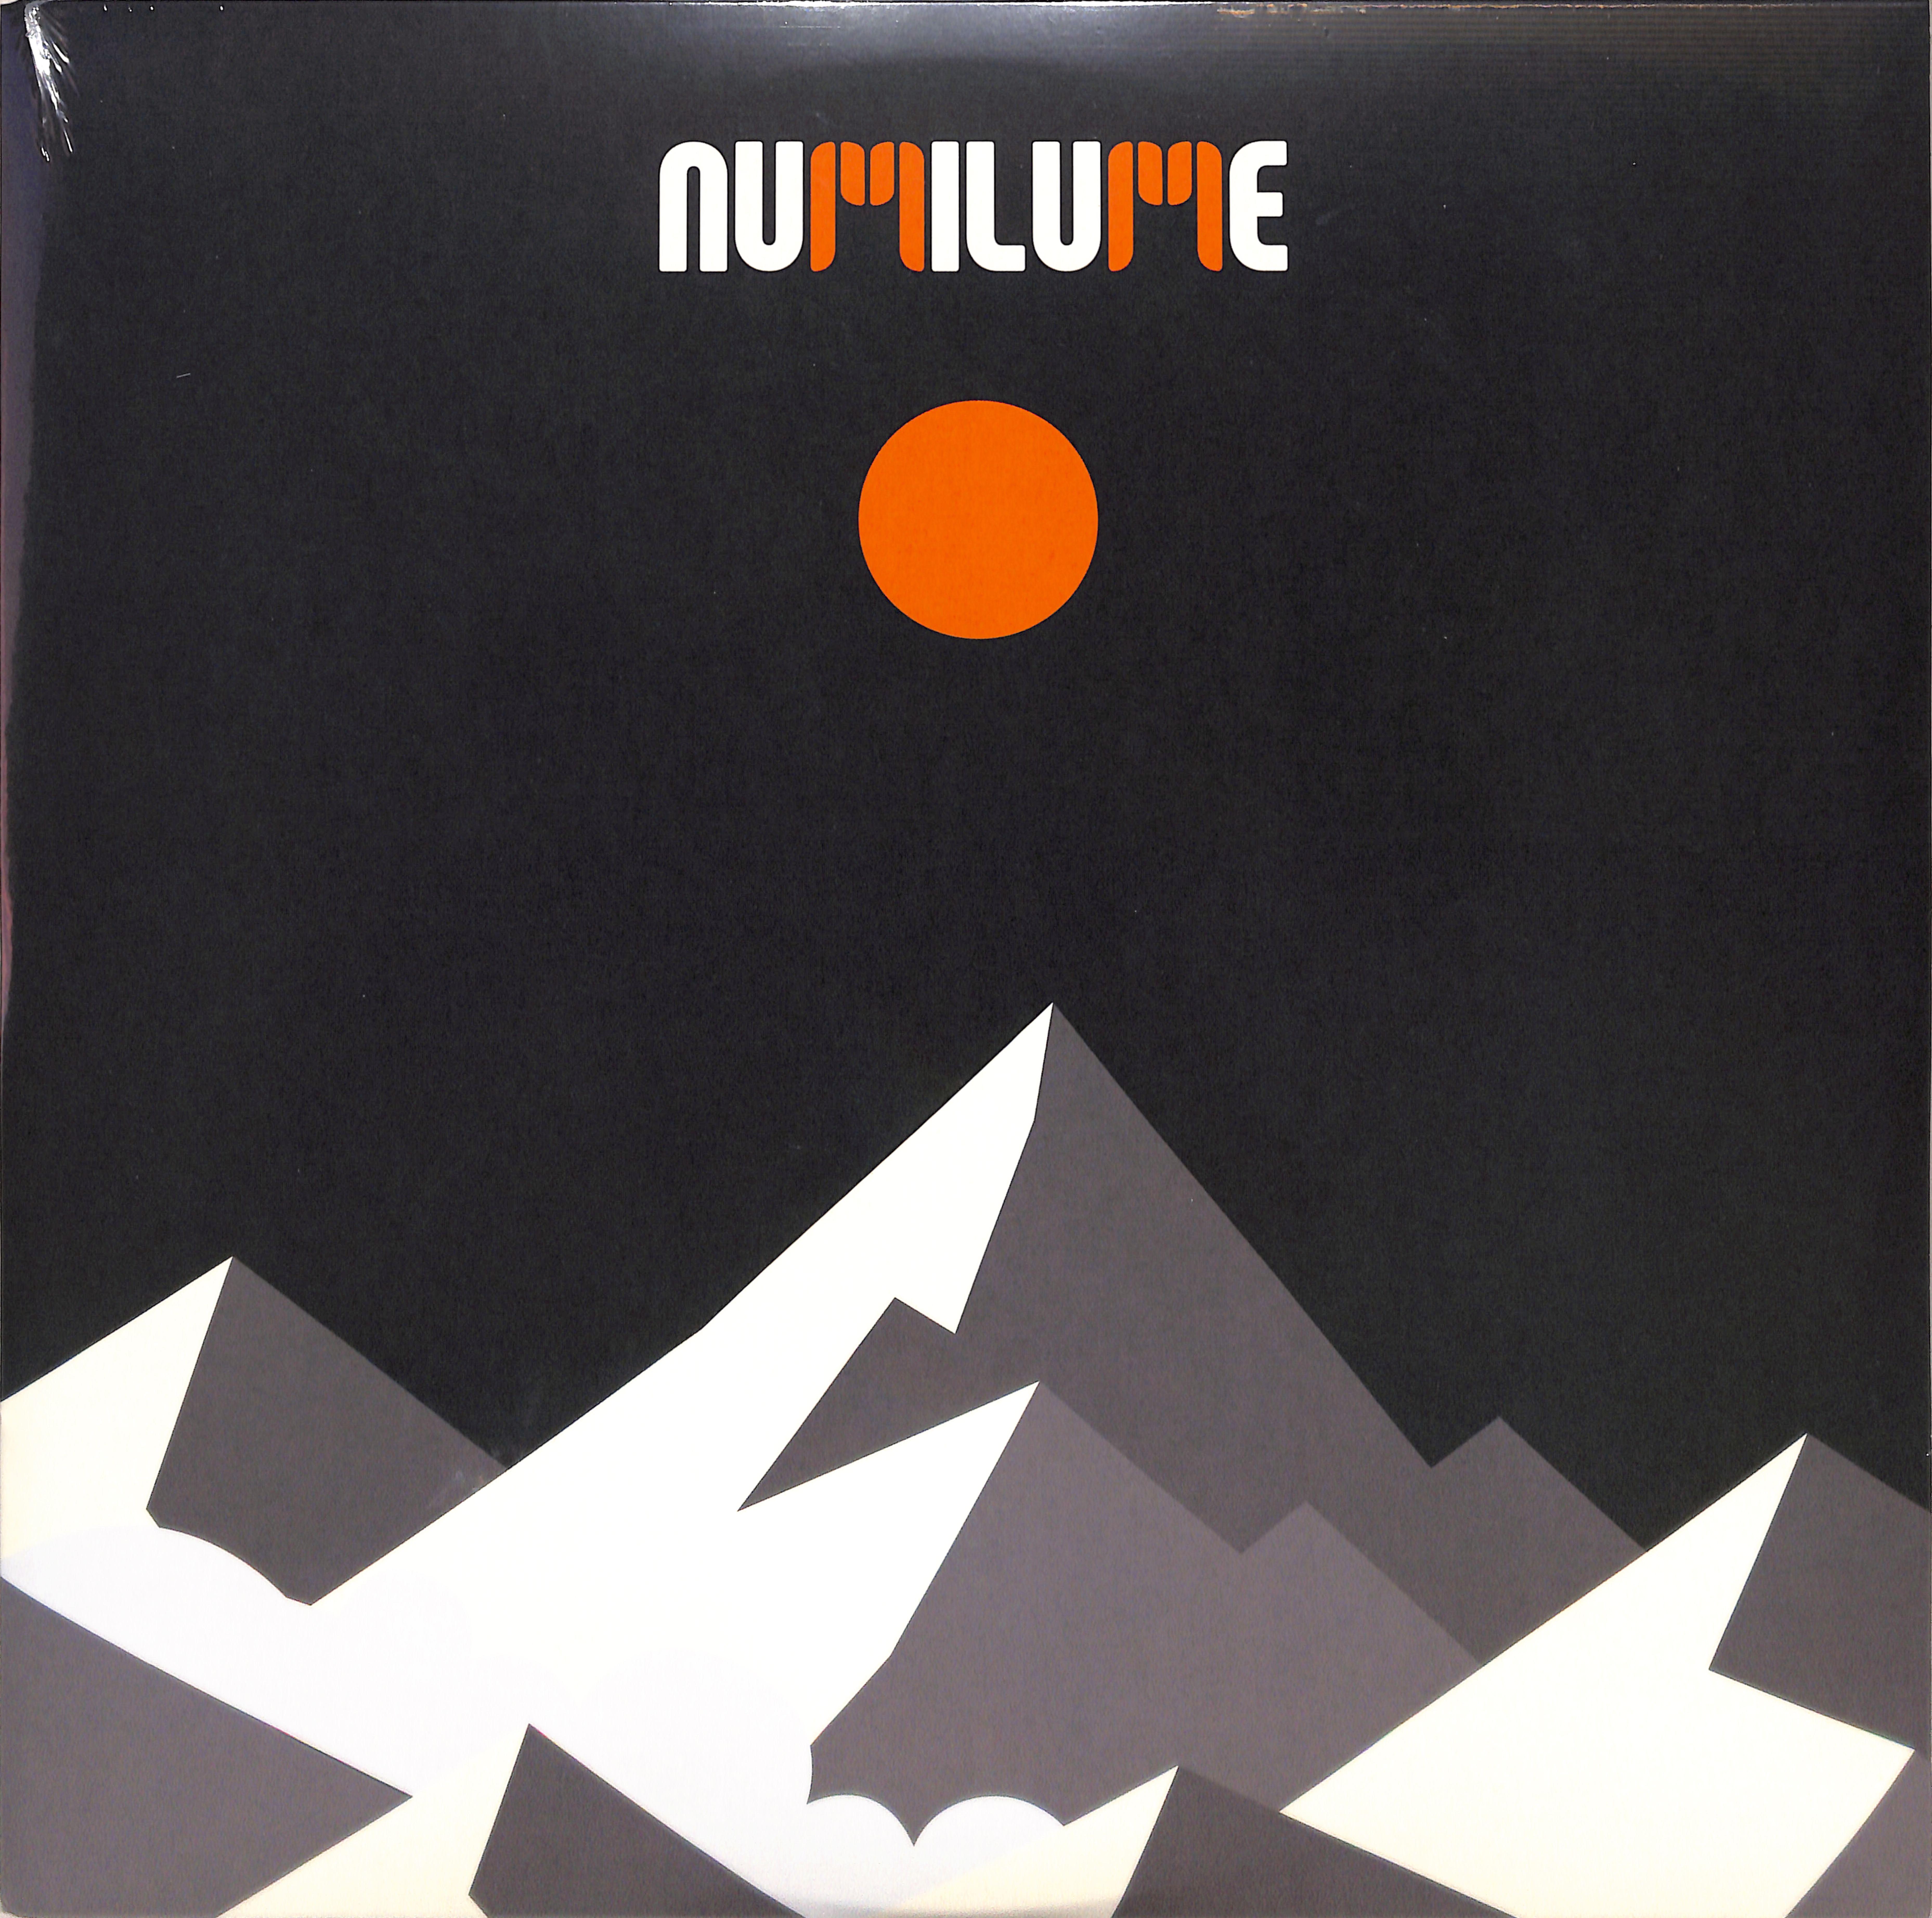 Numilume - 5